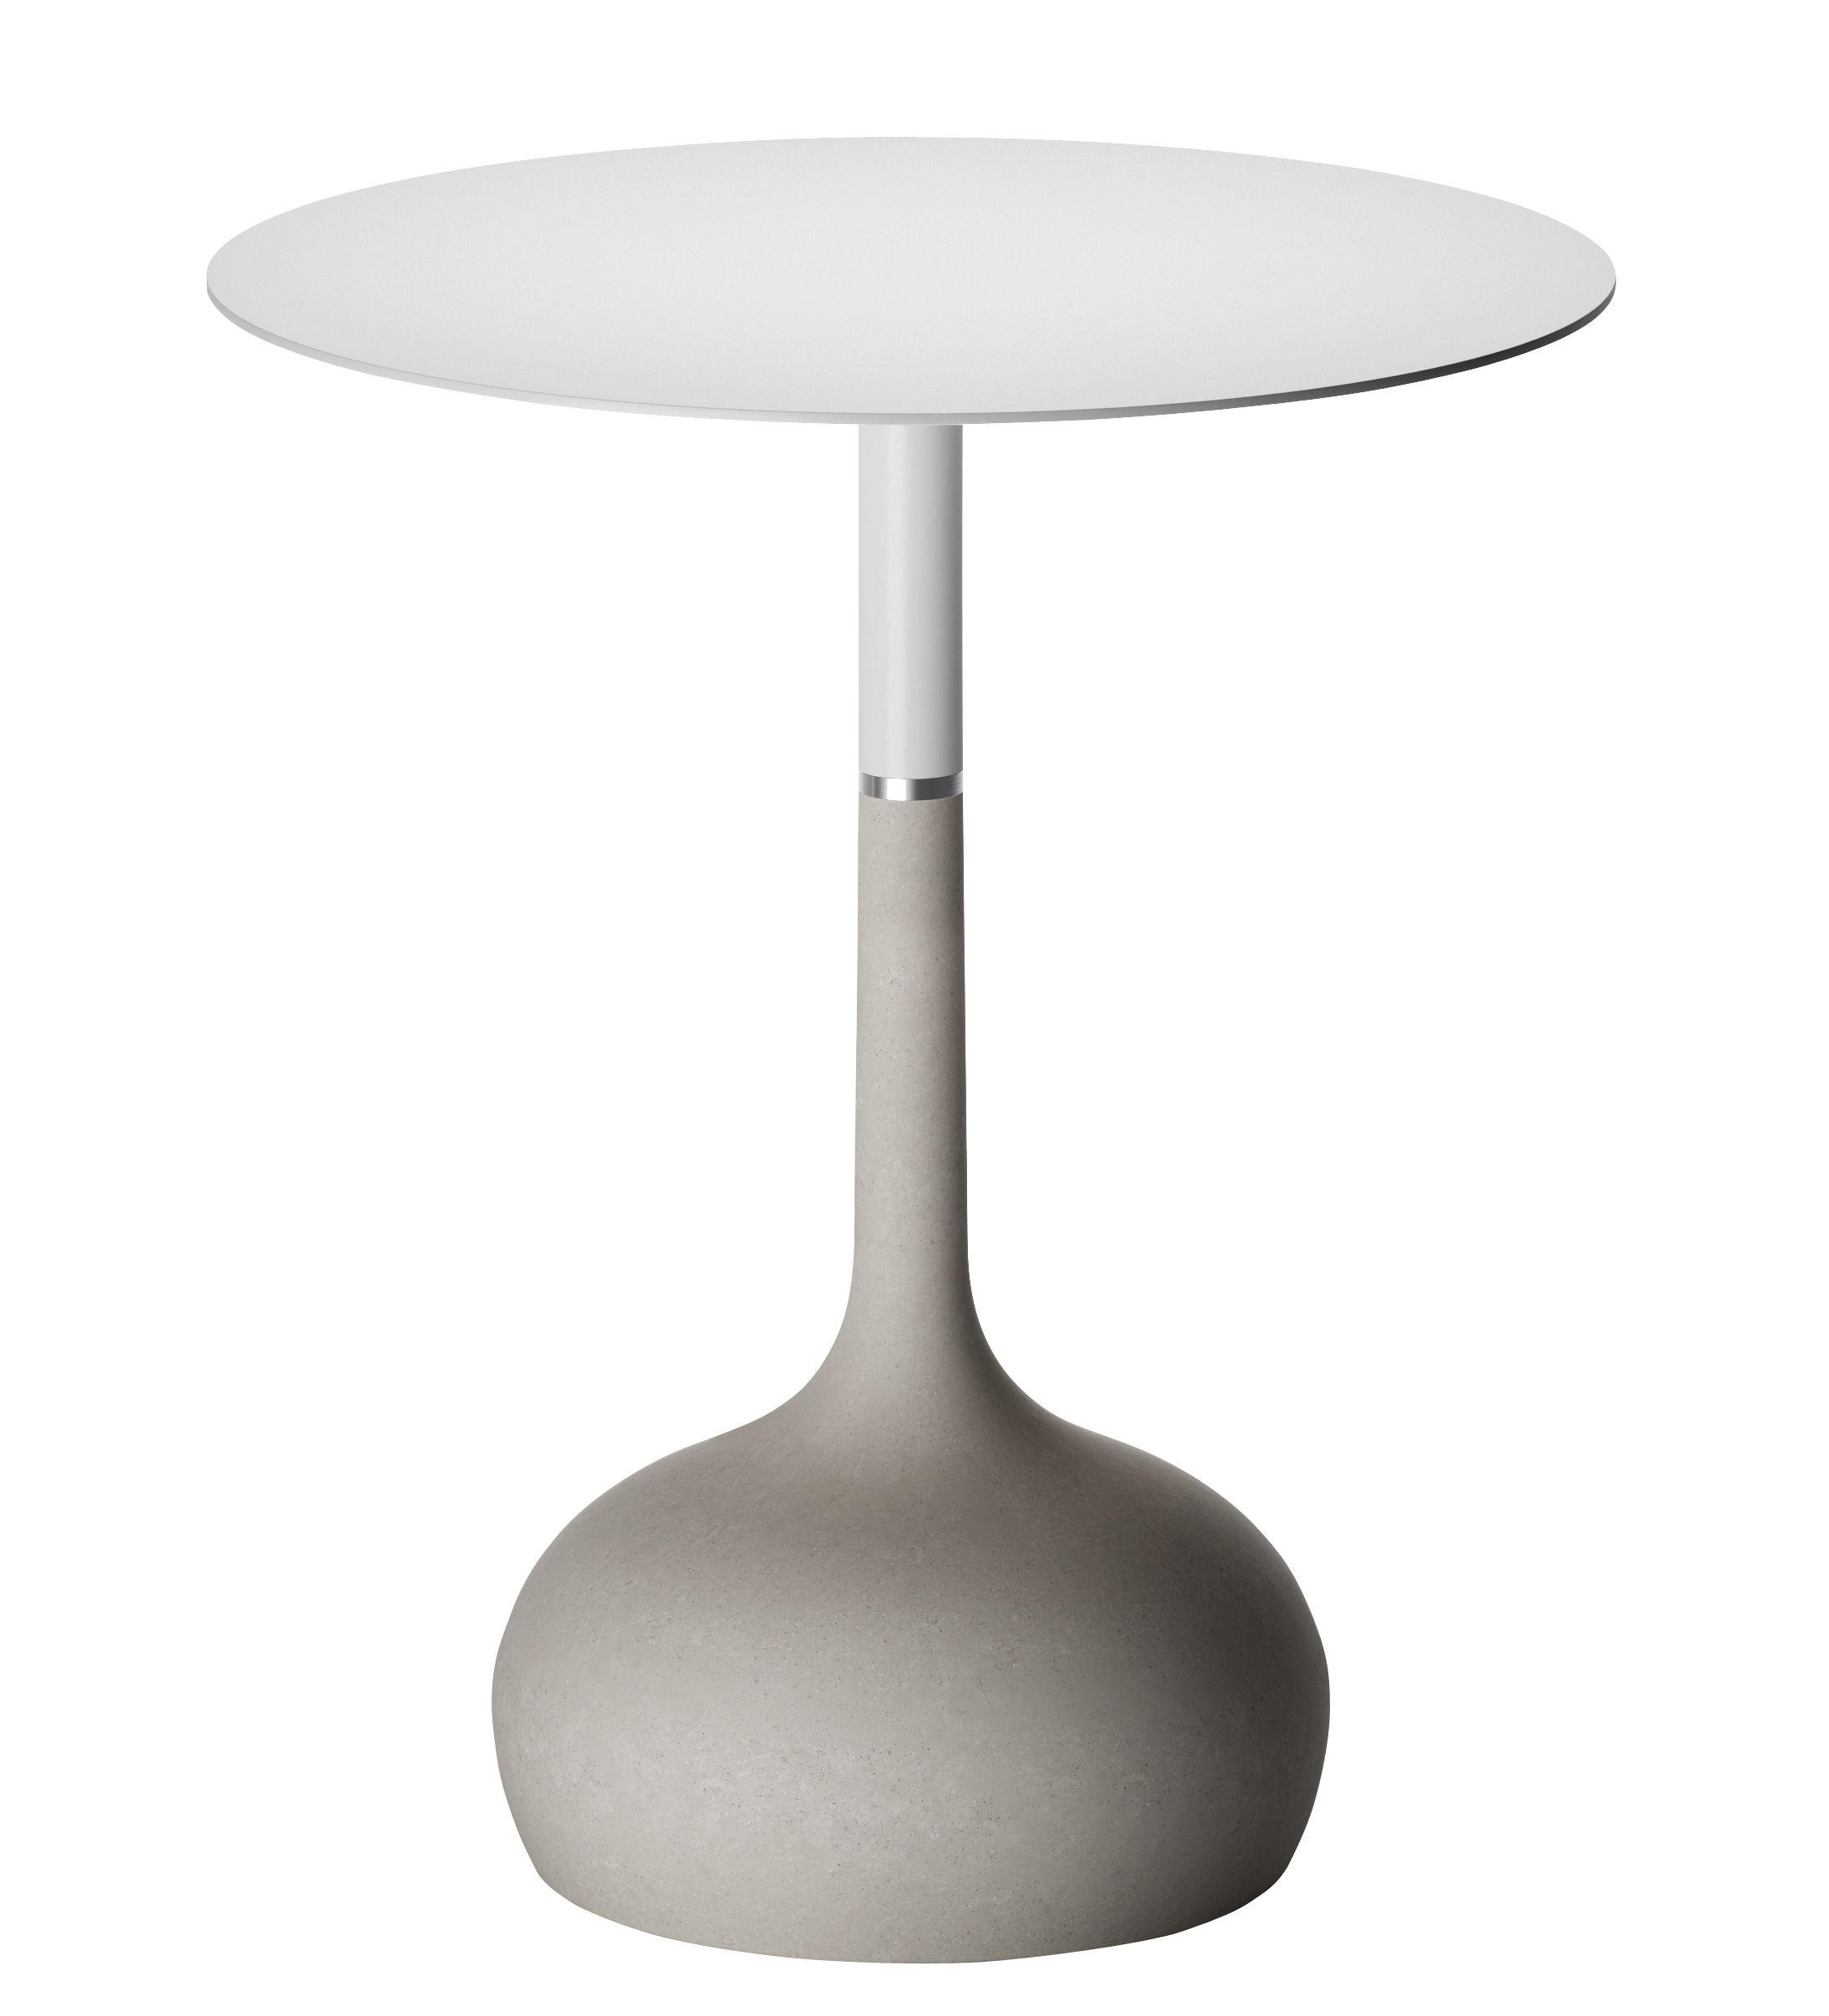 Maison et Objet - Raw materials - Saen XS Round table - Concrete base - Ø 70 cm by Alias - Textured white / Grey concrete - Concrete, Lacquered steel